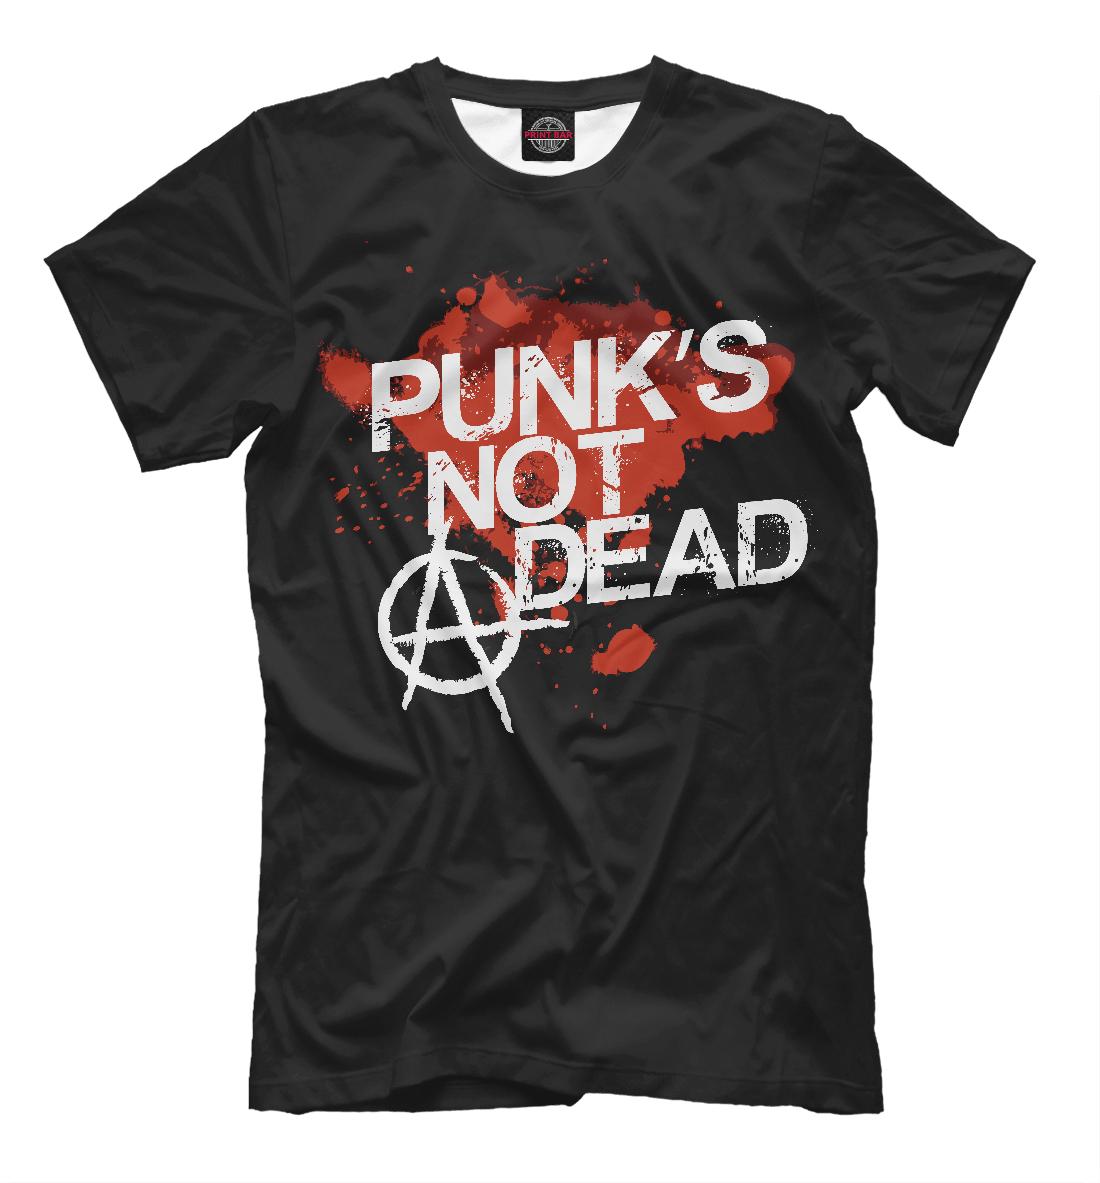 Купить Punks not dead, Printbar, Футболки, MZK-214275-fut-2